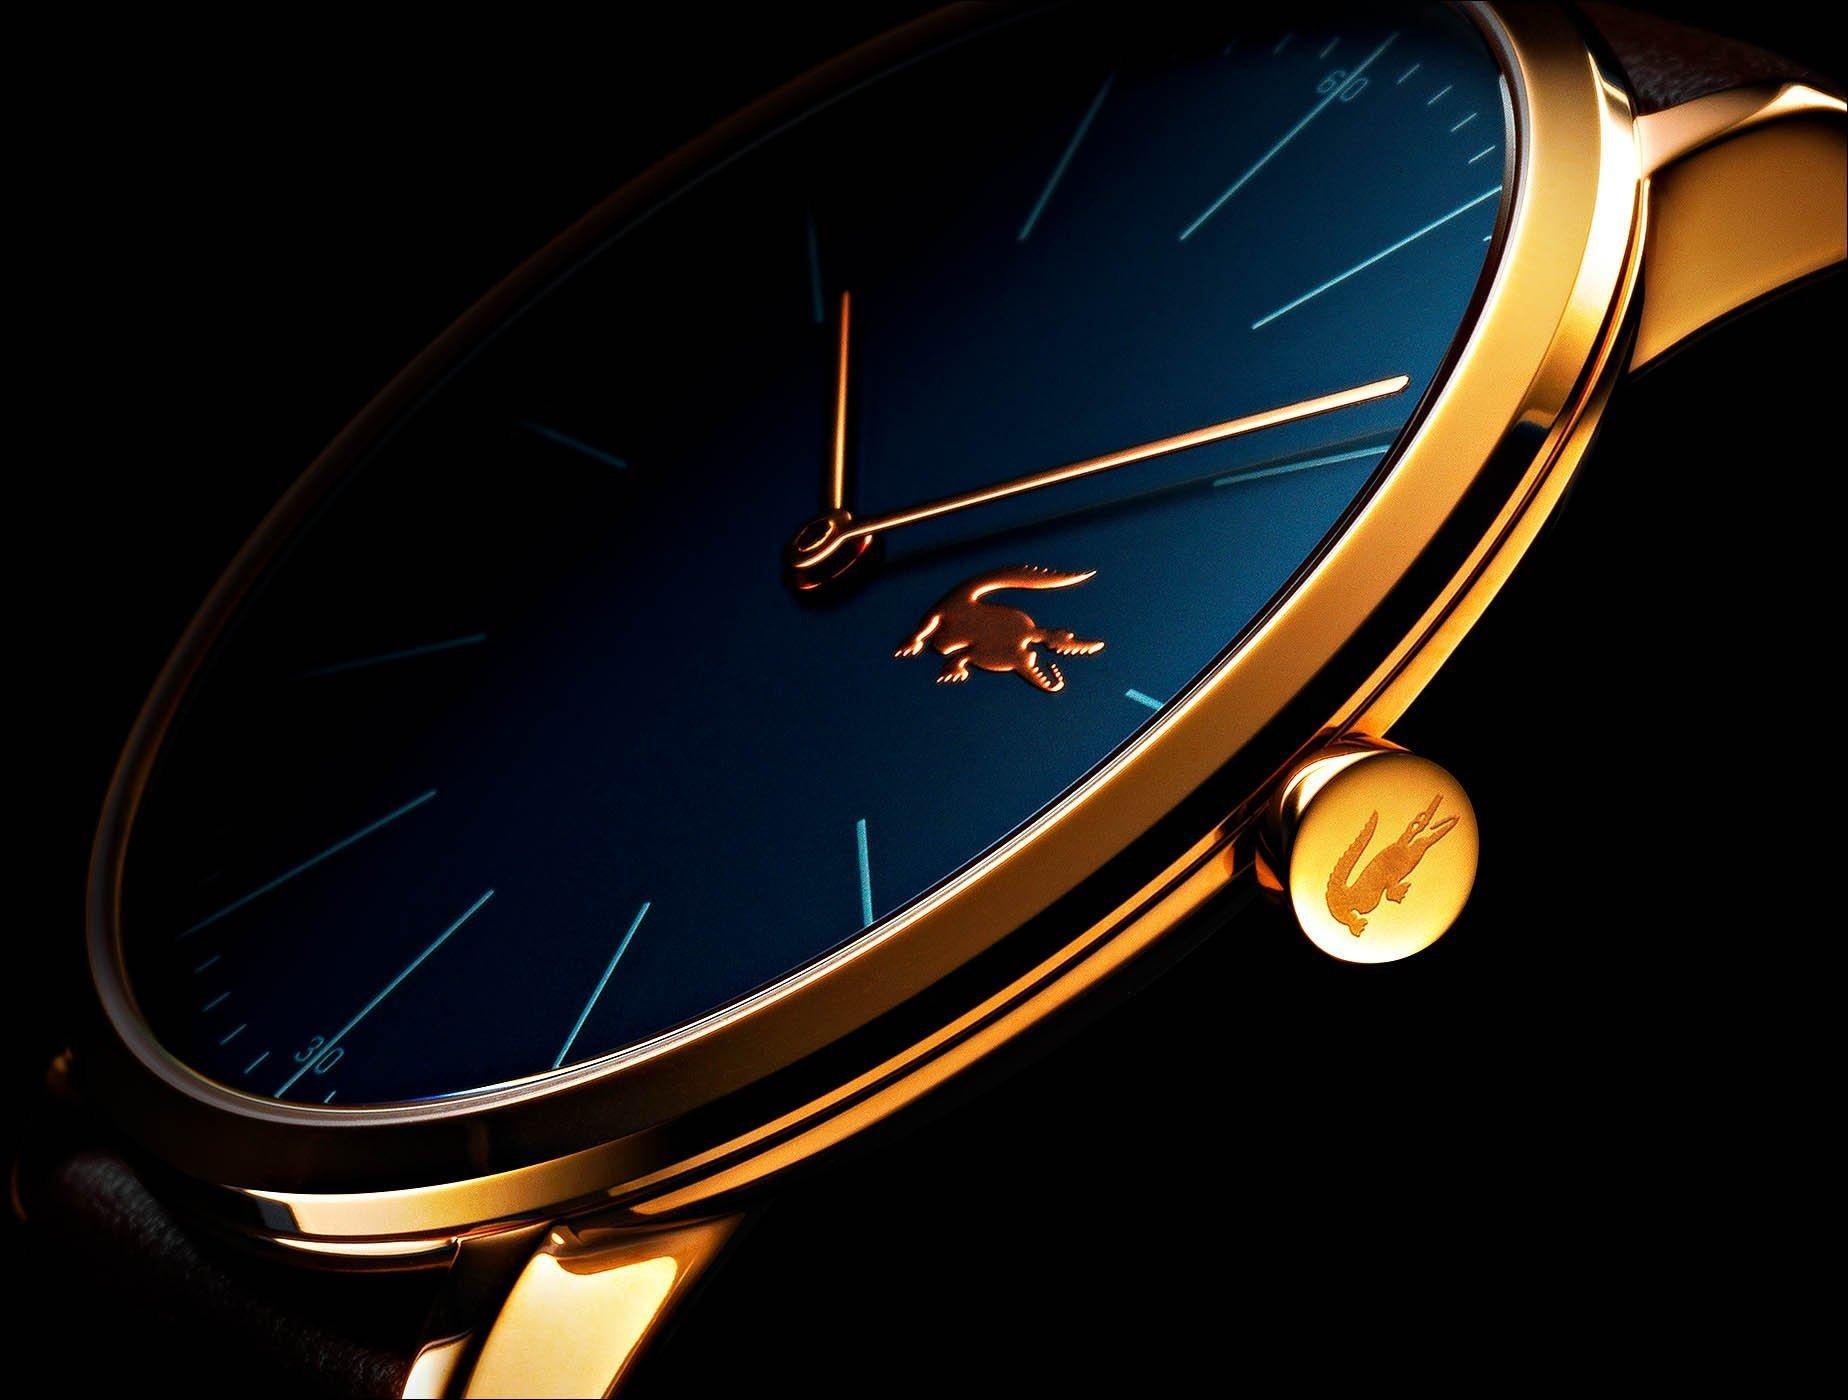 Fotografo still life orologi Lacoste dettagli | Andrea Sudati